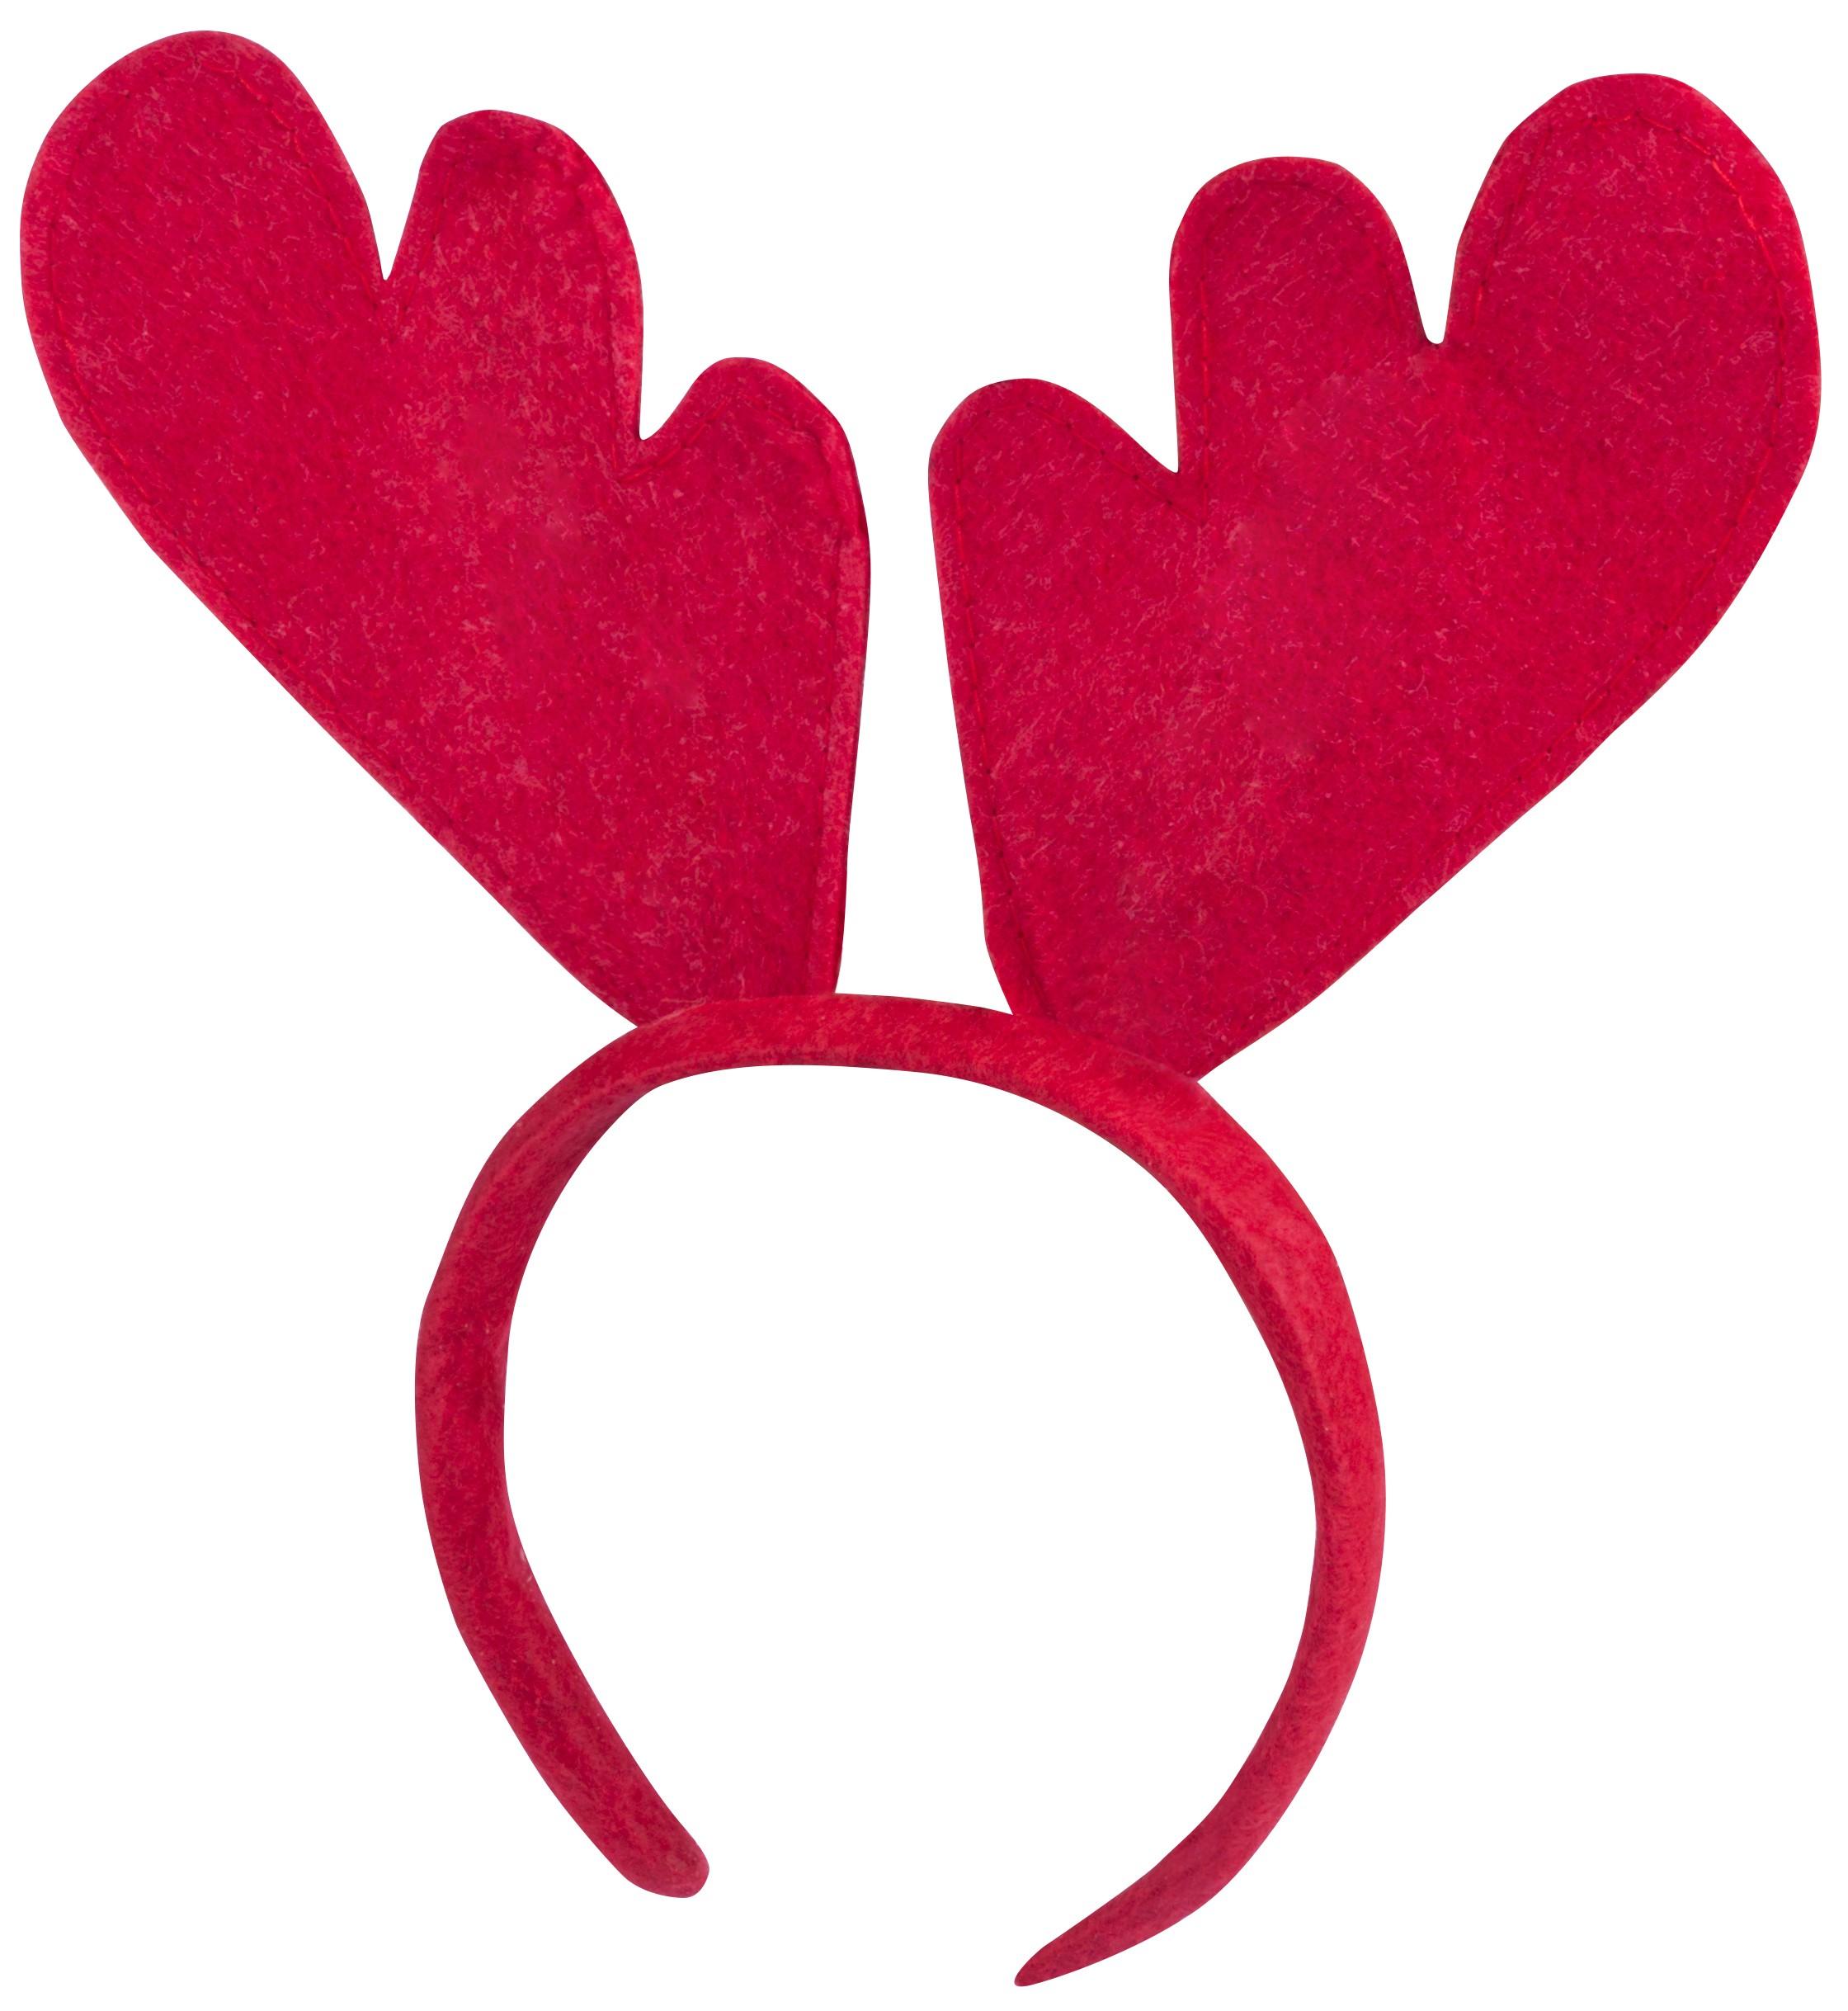 Serre-tête Cornes de renne Rudolph en feutrine